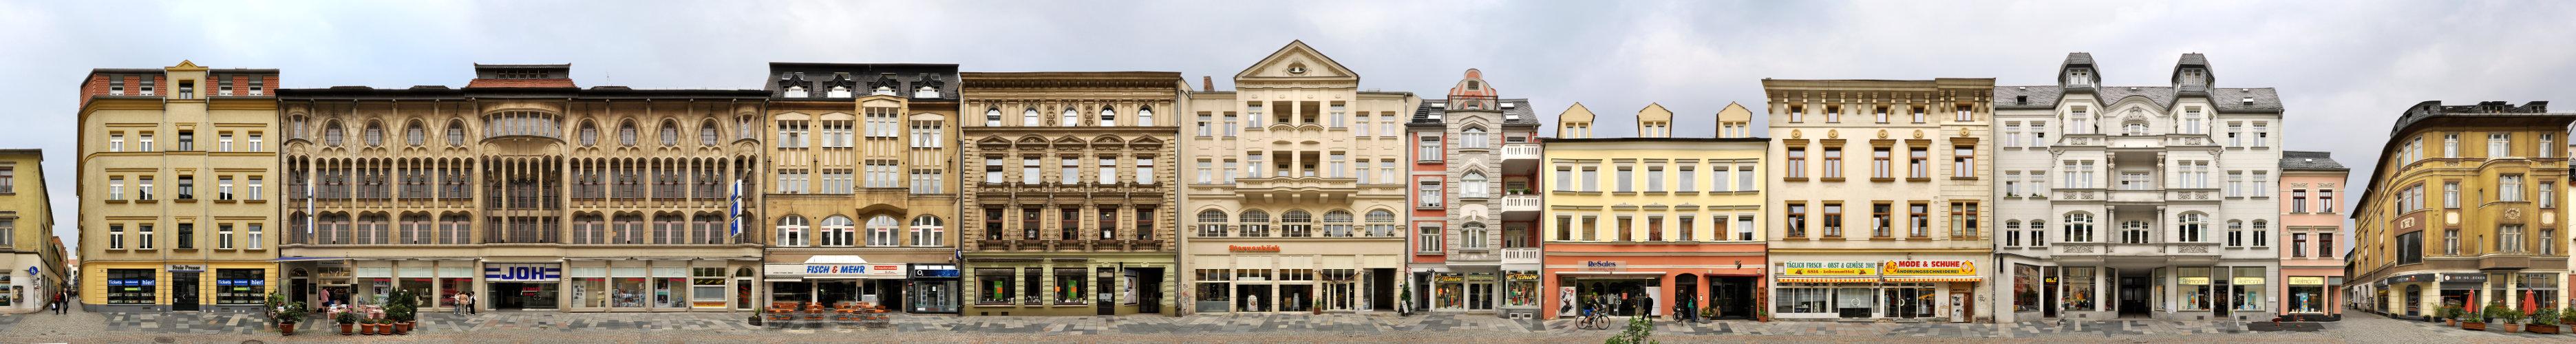 Hauptstraße | Jugendstil Kaufhaus